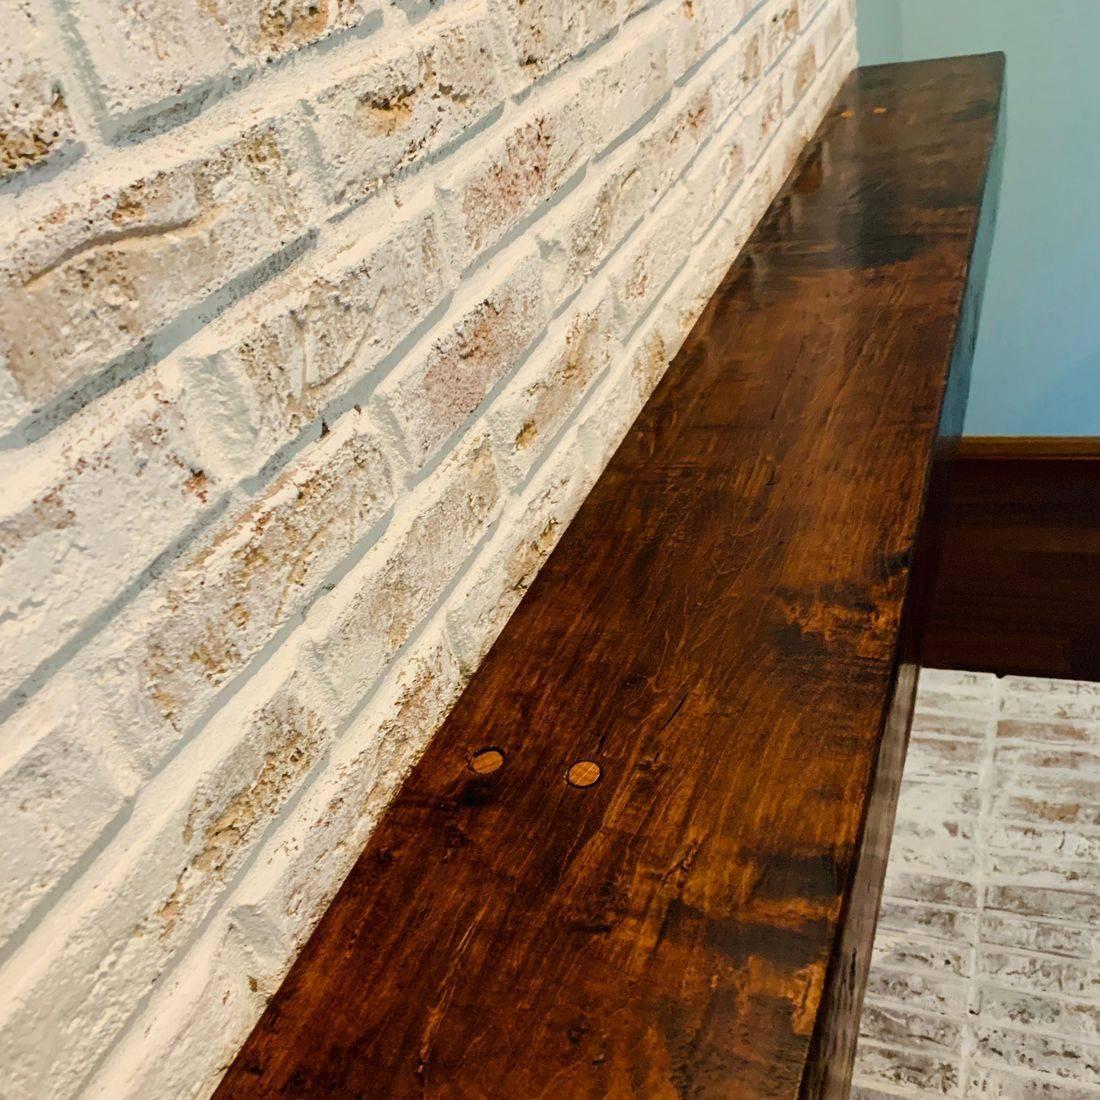 front door refinishing and restoration, Cincinnati Ohio, Scott Fritz Wall Creations